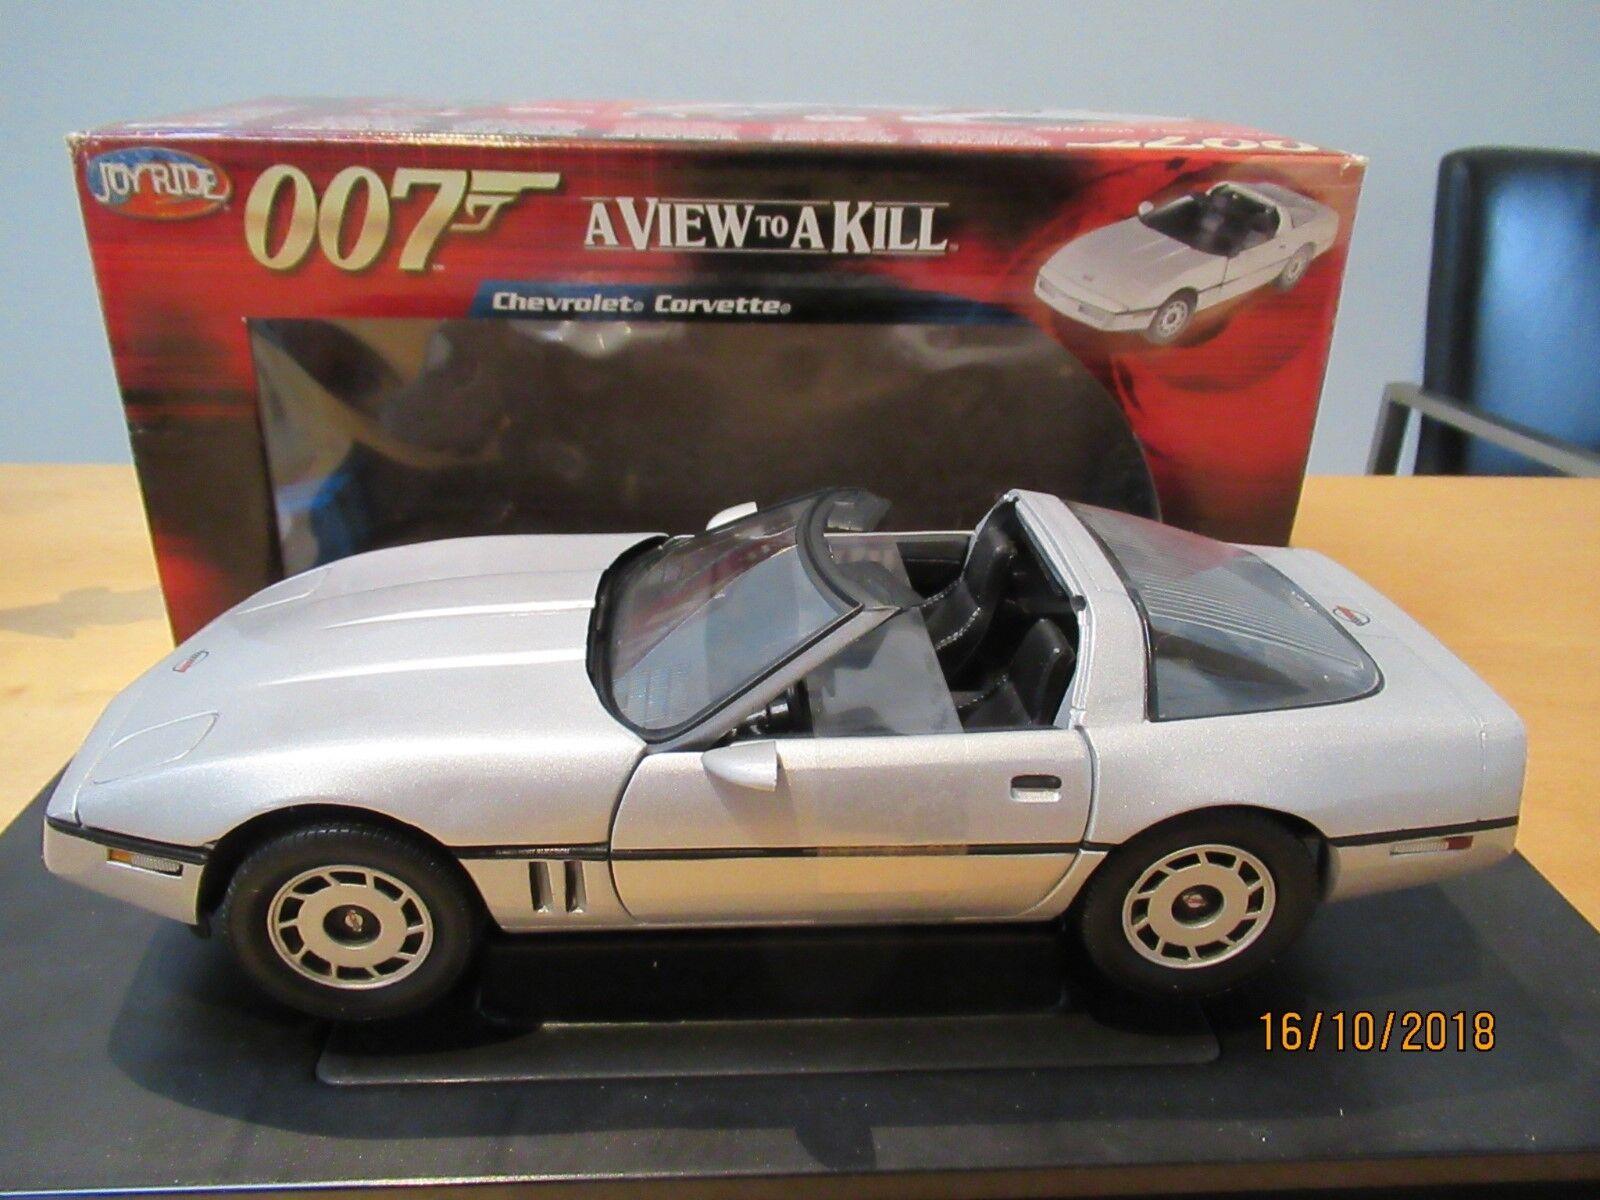 cómodo 007 James Bond Chevrolet Corvette a View to a a a Kill '85 ertl 1 18 33851 m&b 1 18  la mejor oferta de tienda online